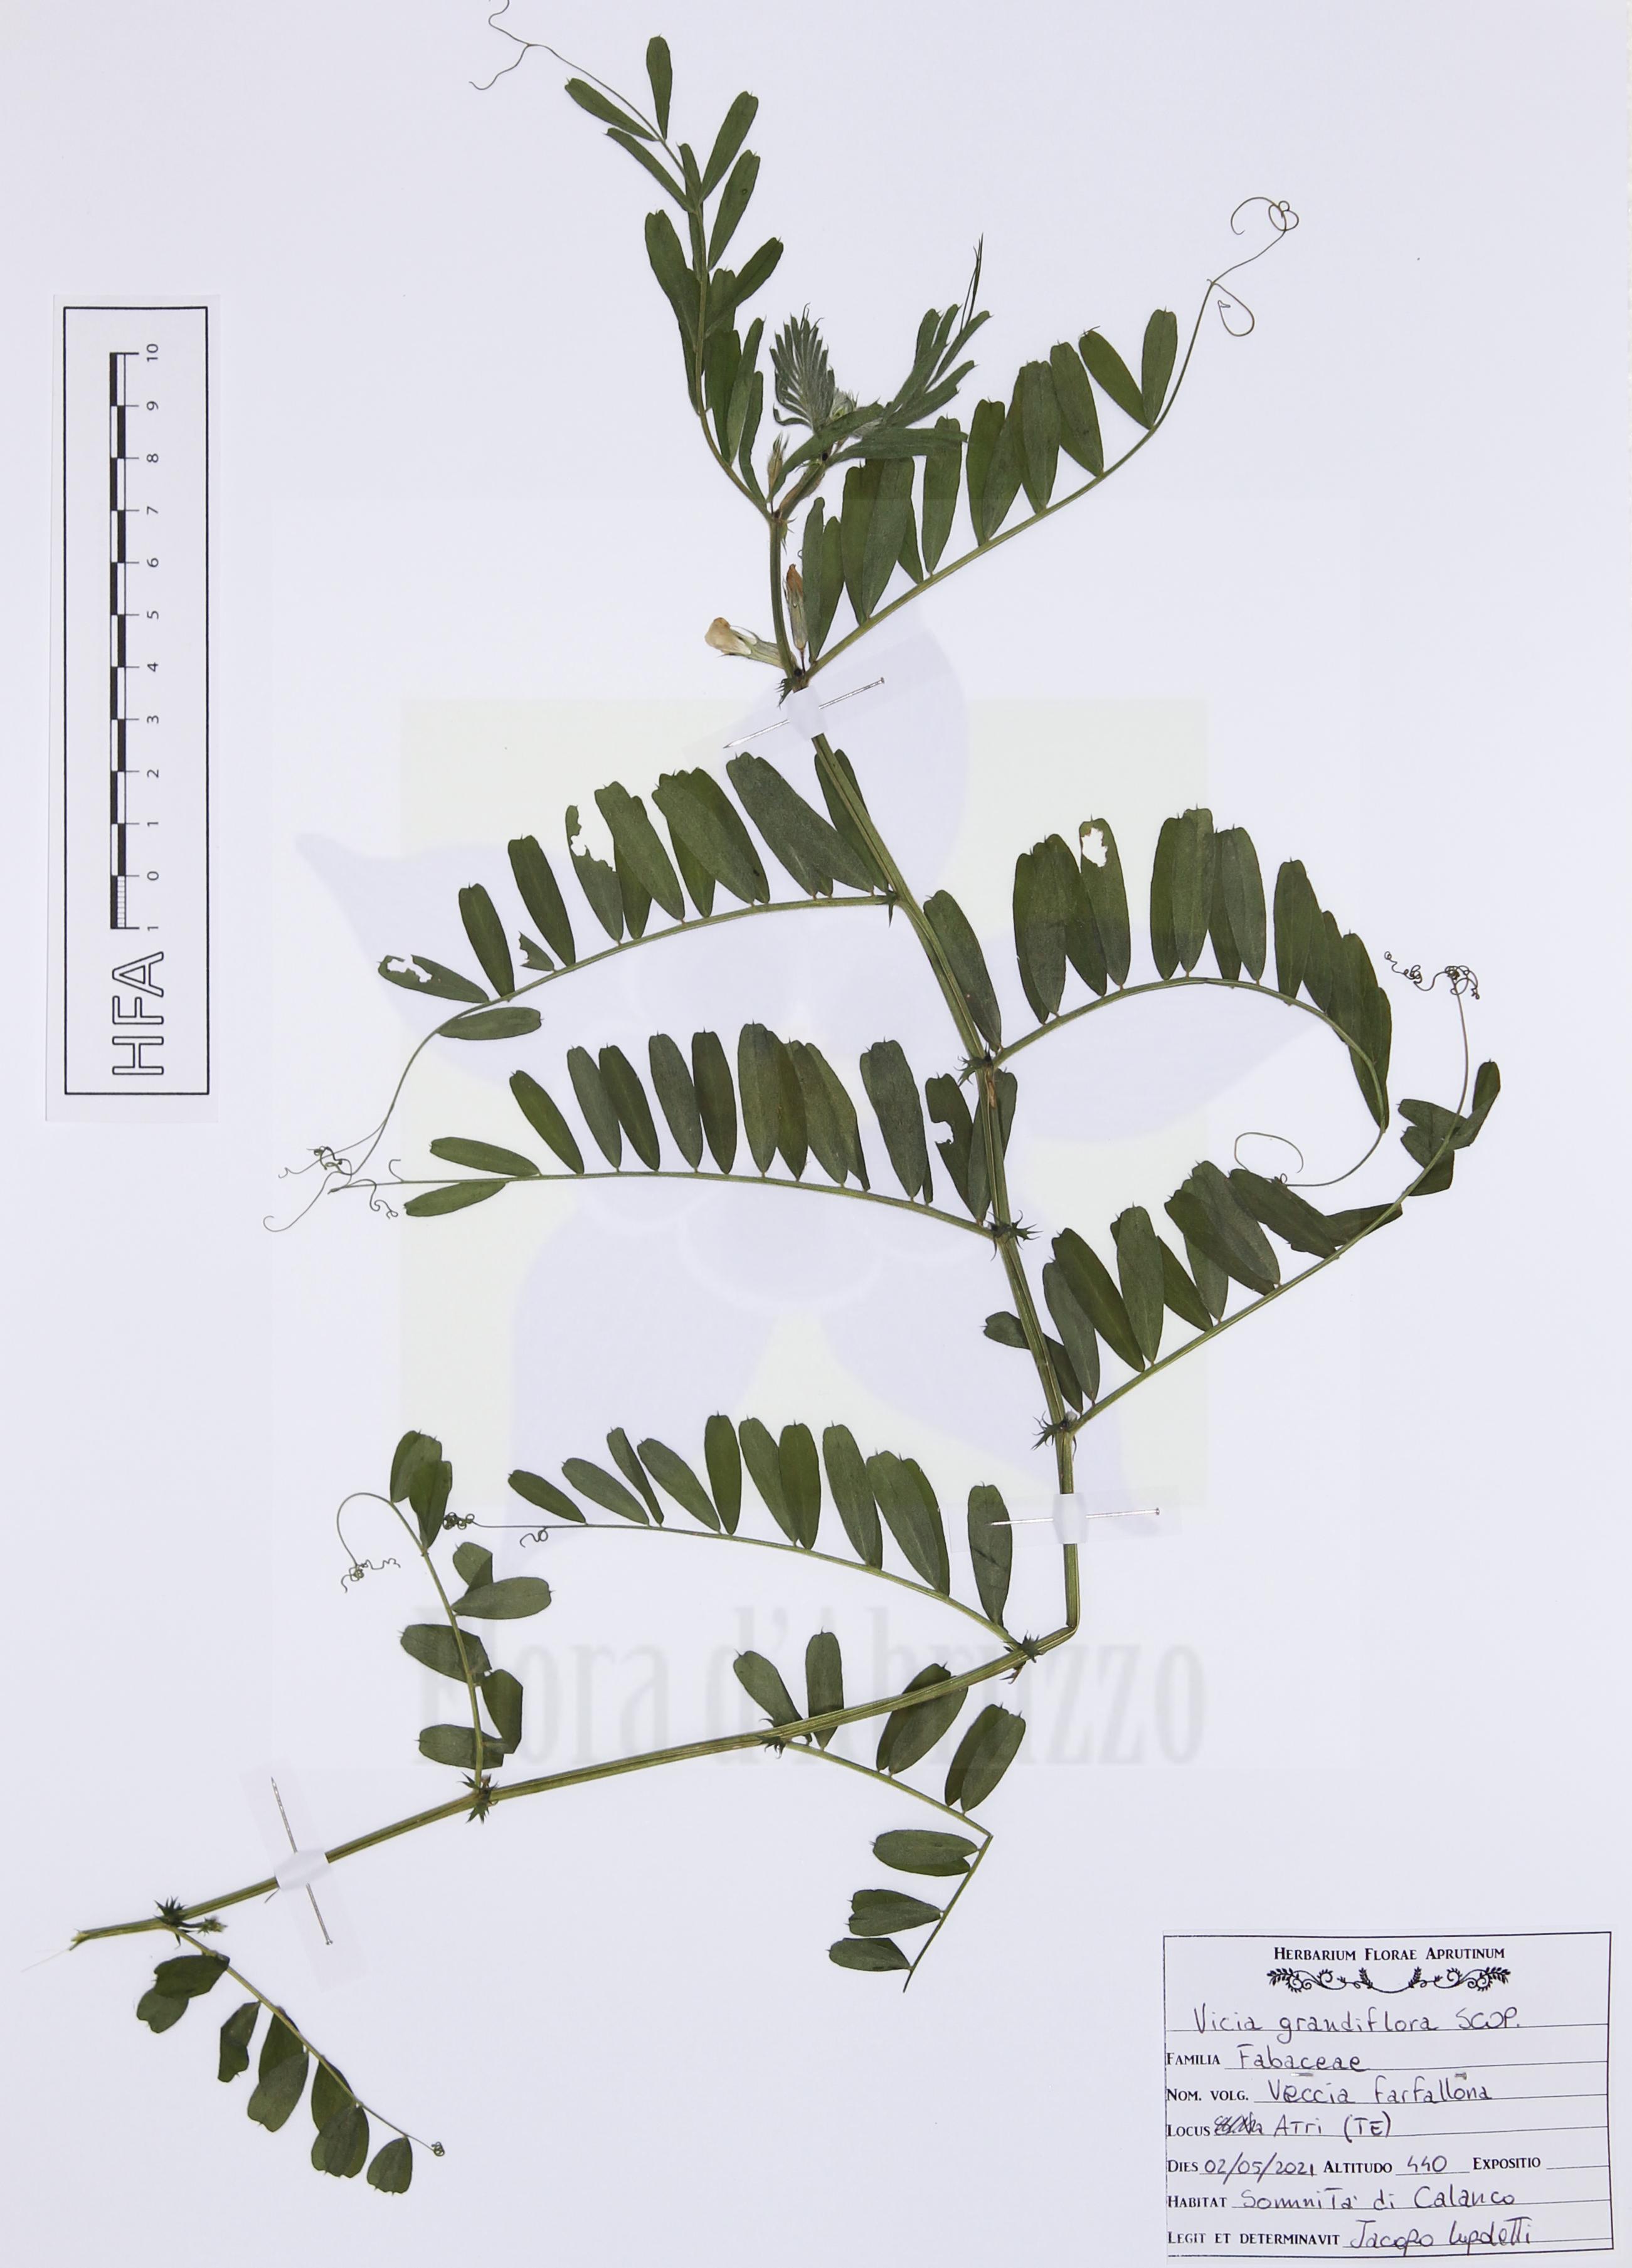 Vicia grandifloraScop.